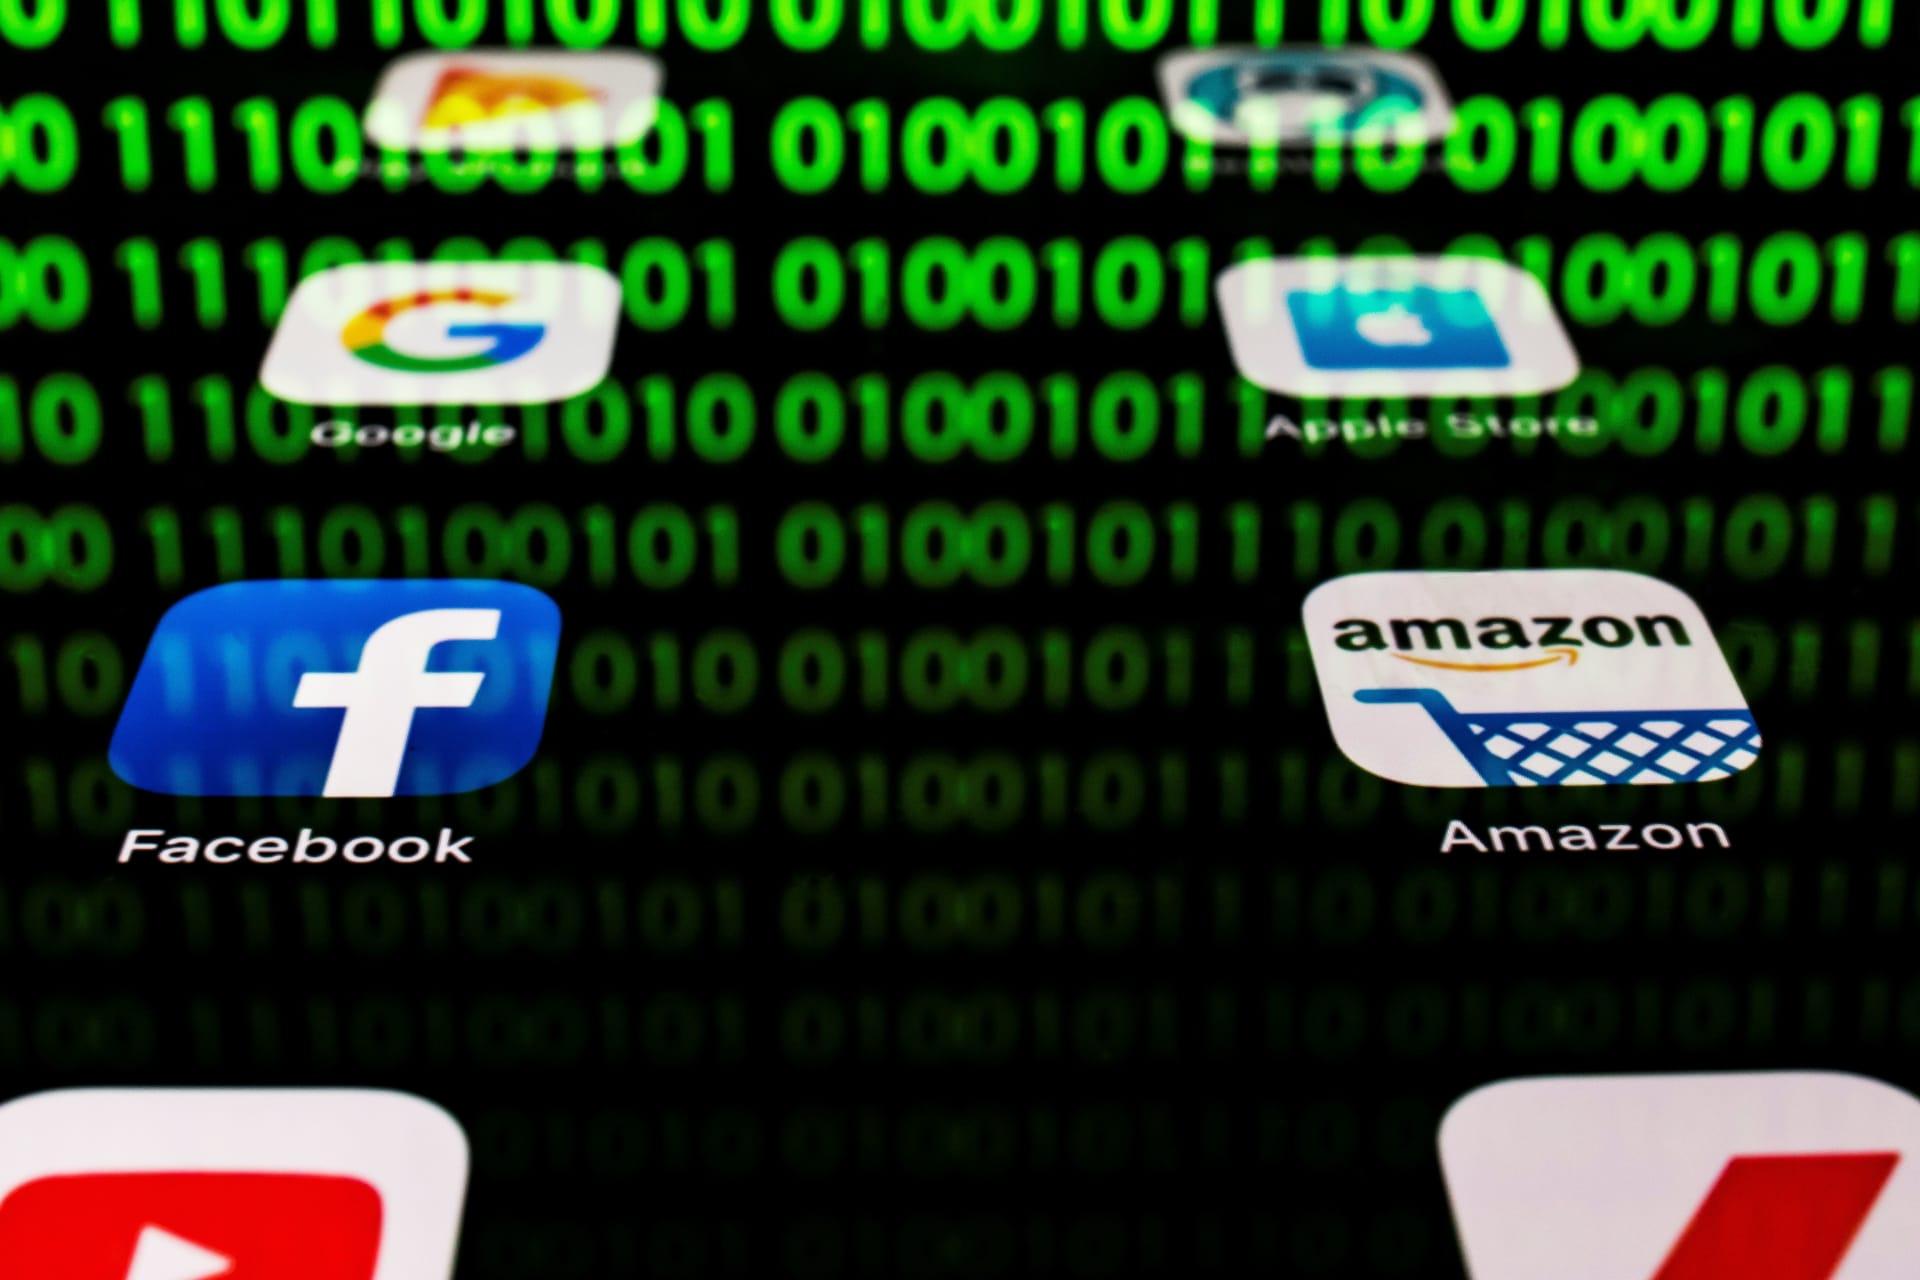 بريطانيا تفاجئ شركات التكنولوجيا العملاقة بإجراء جديد.. فما هو؟